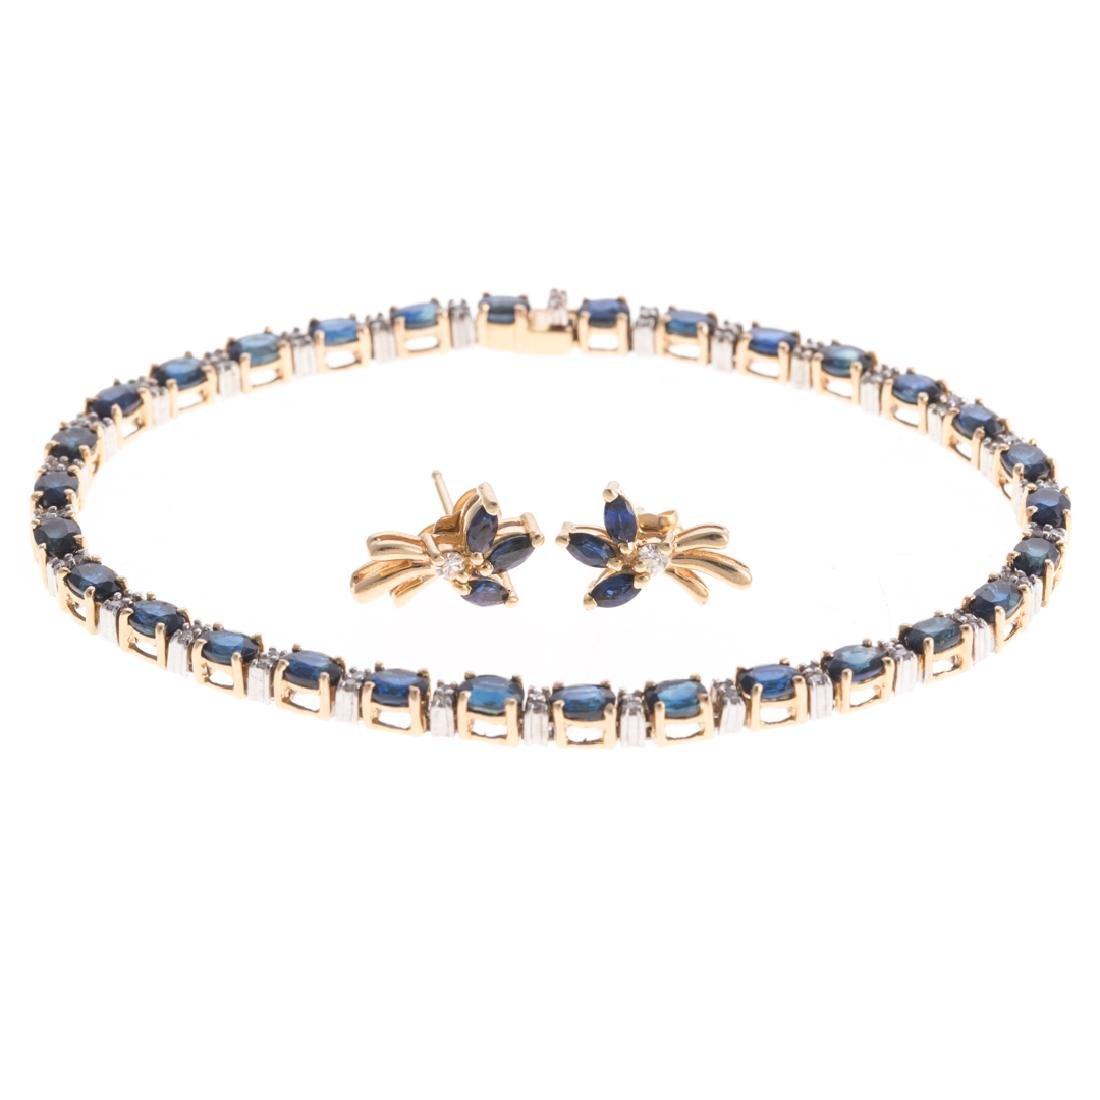 A Sapphire & Diamond Bracelet and Earrings in 14K